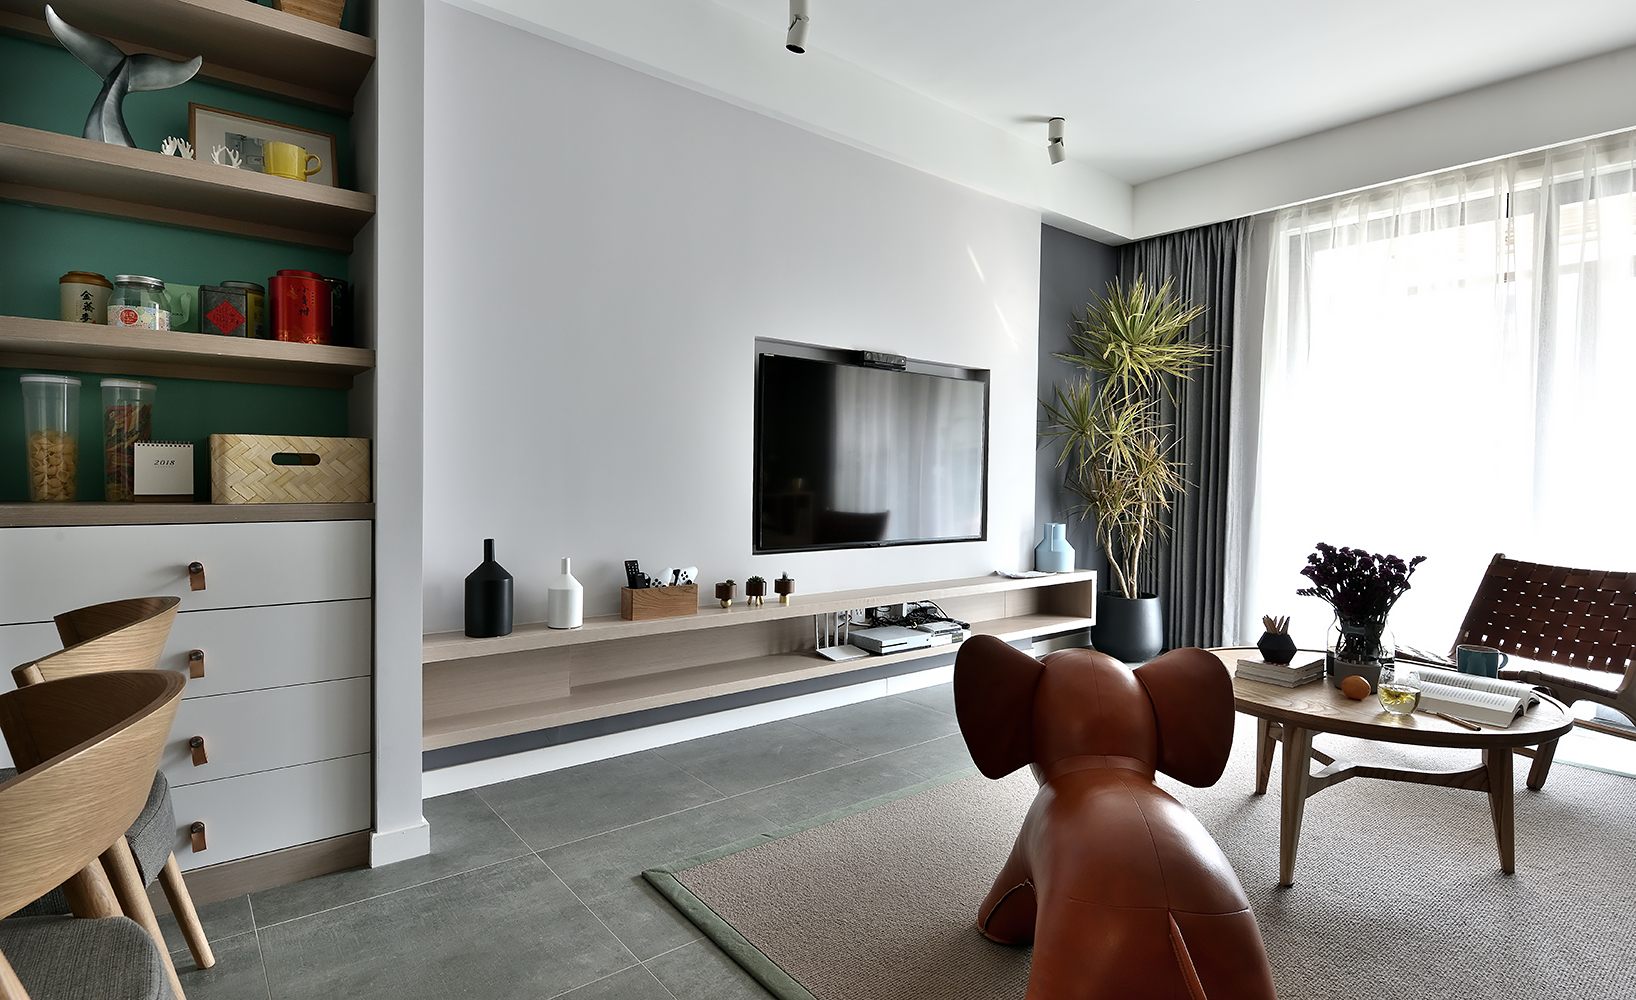 120㎡北欧风格家电视背景墙图片